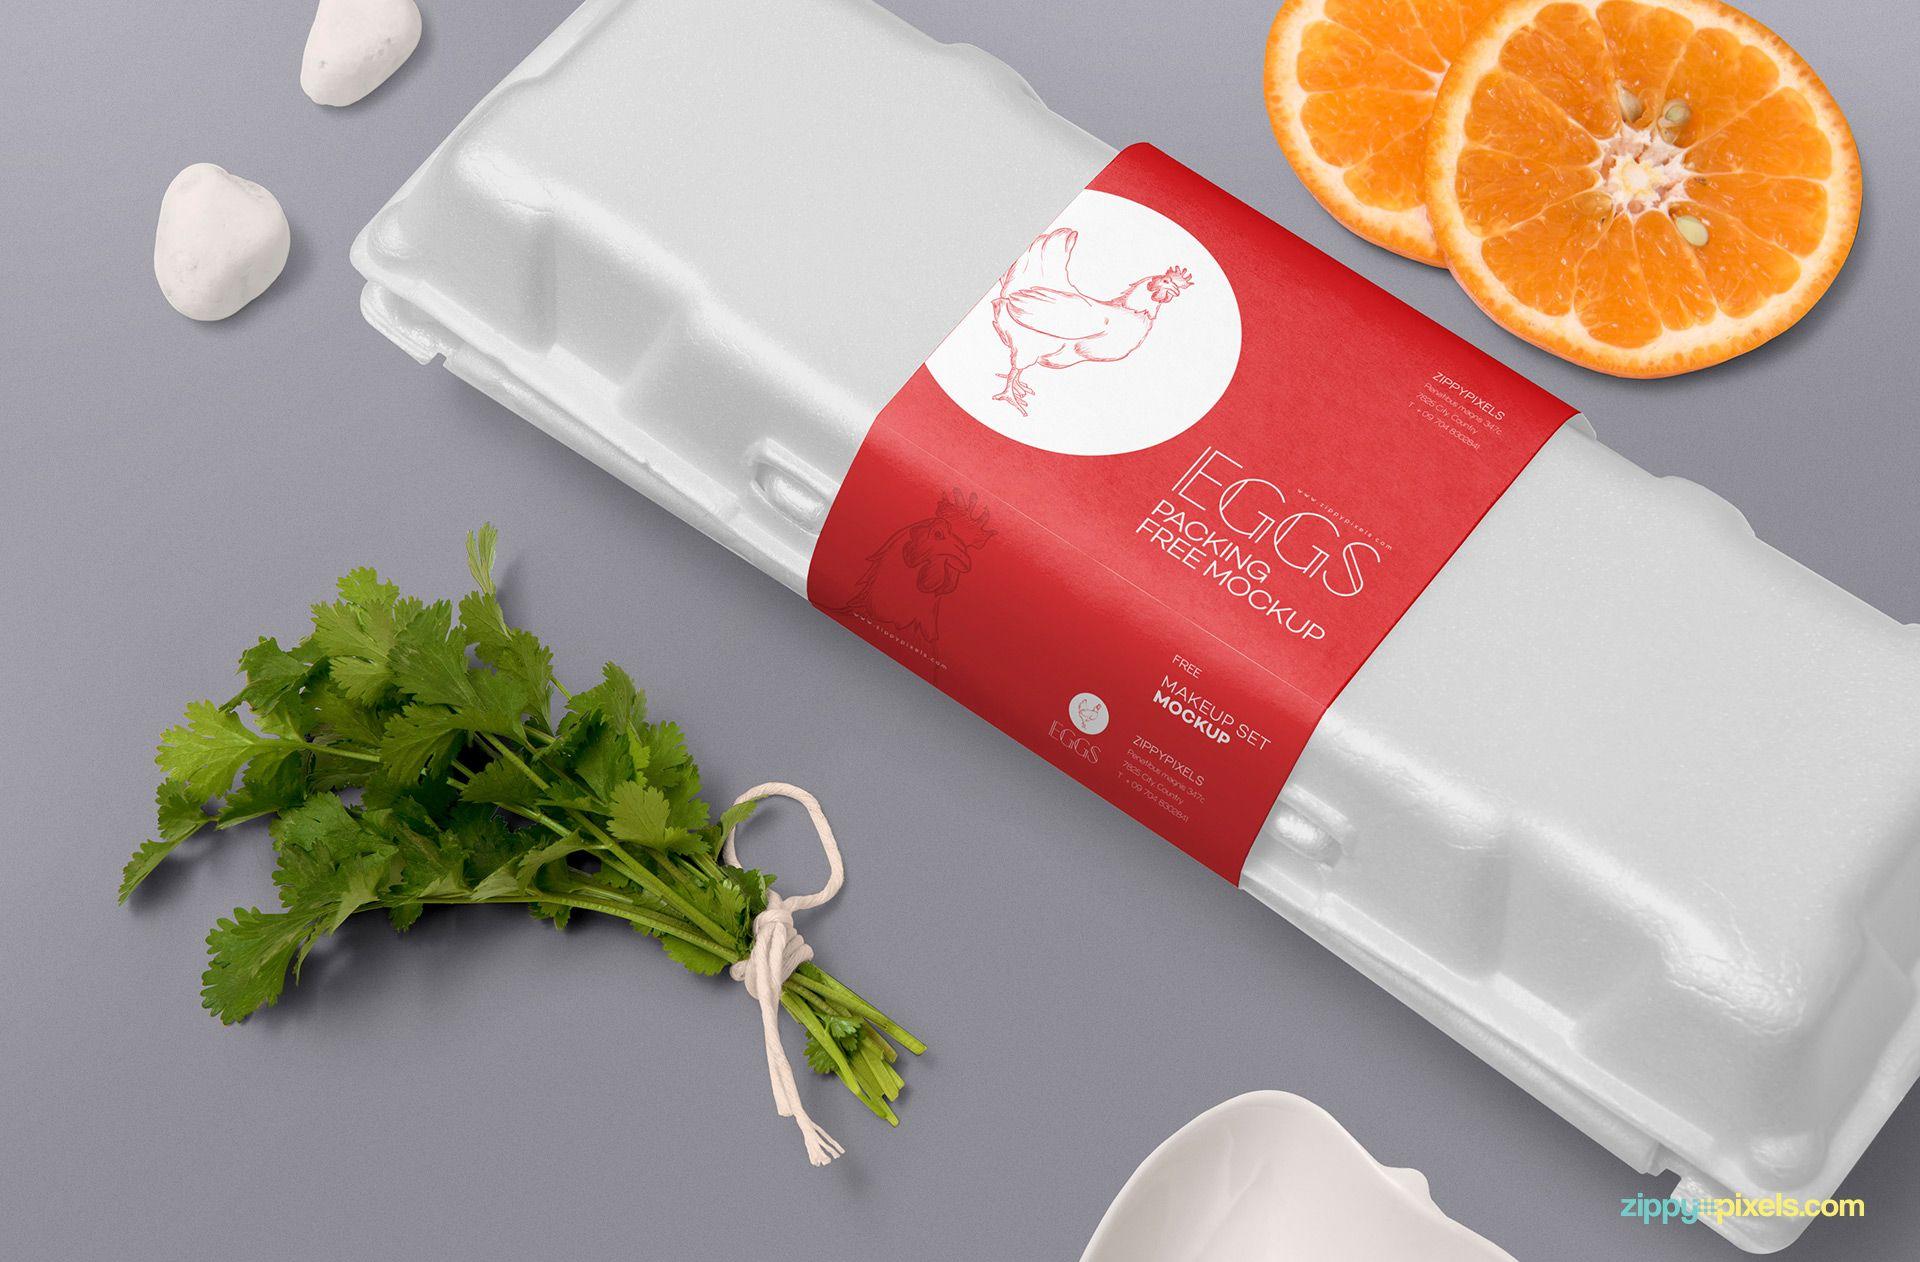 Download Free Egg Crate Mockup Zippypixels Egg Crates Egg Packaging Design Template